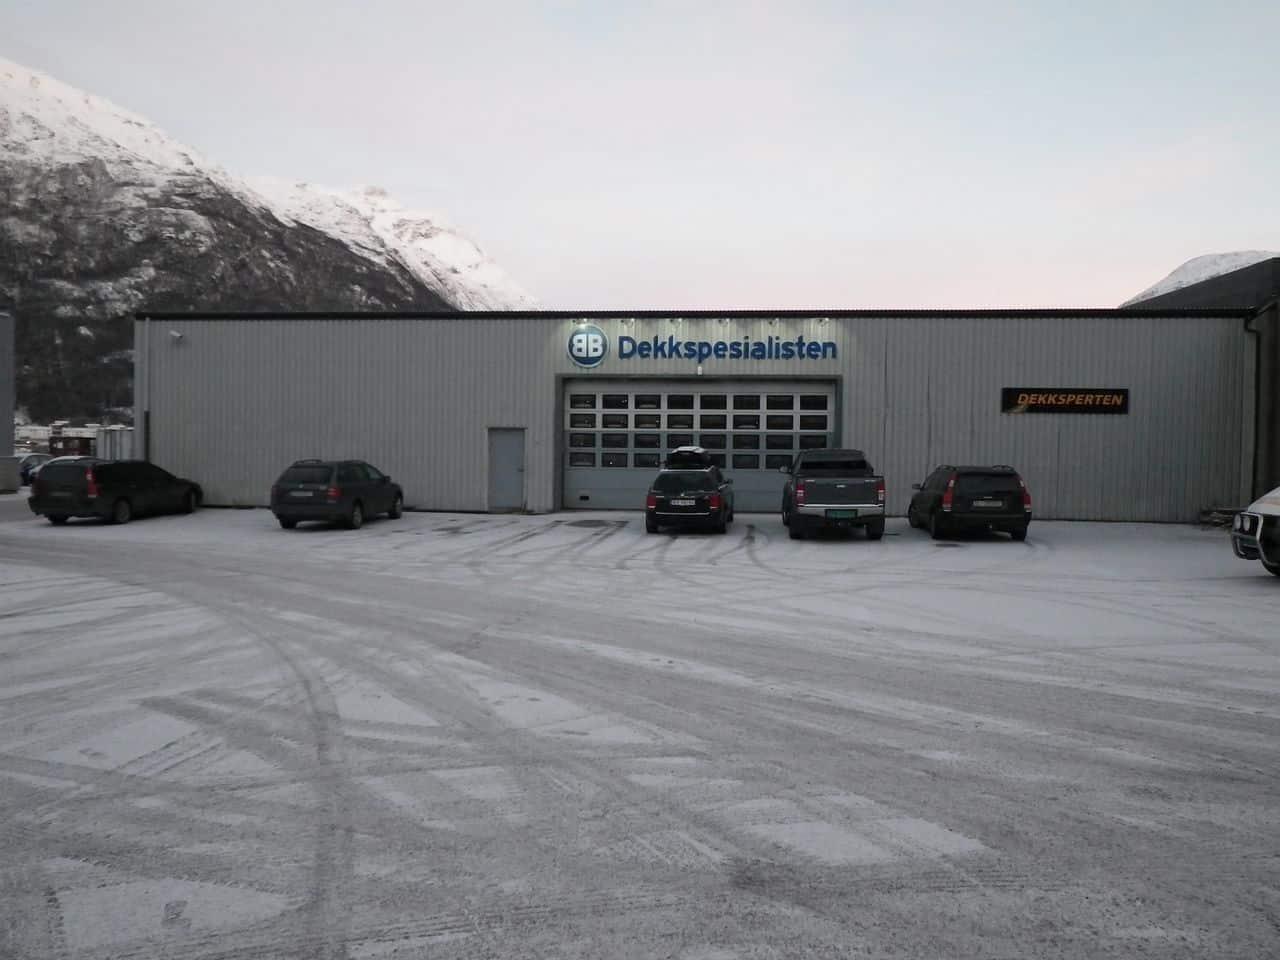 Fasadebilde av BB Dekkspesialisten i Narvik